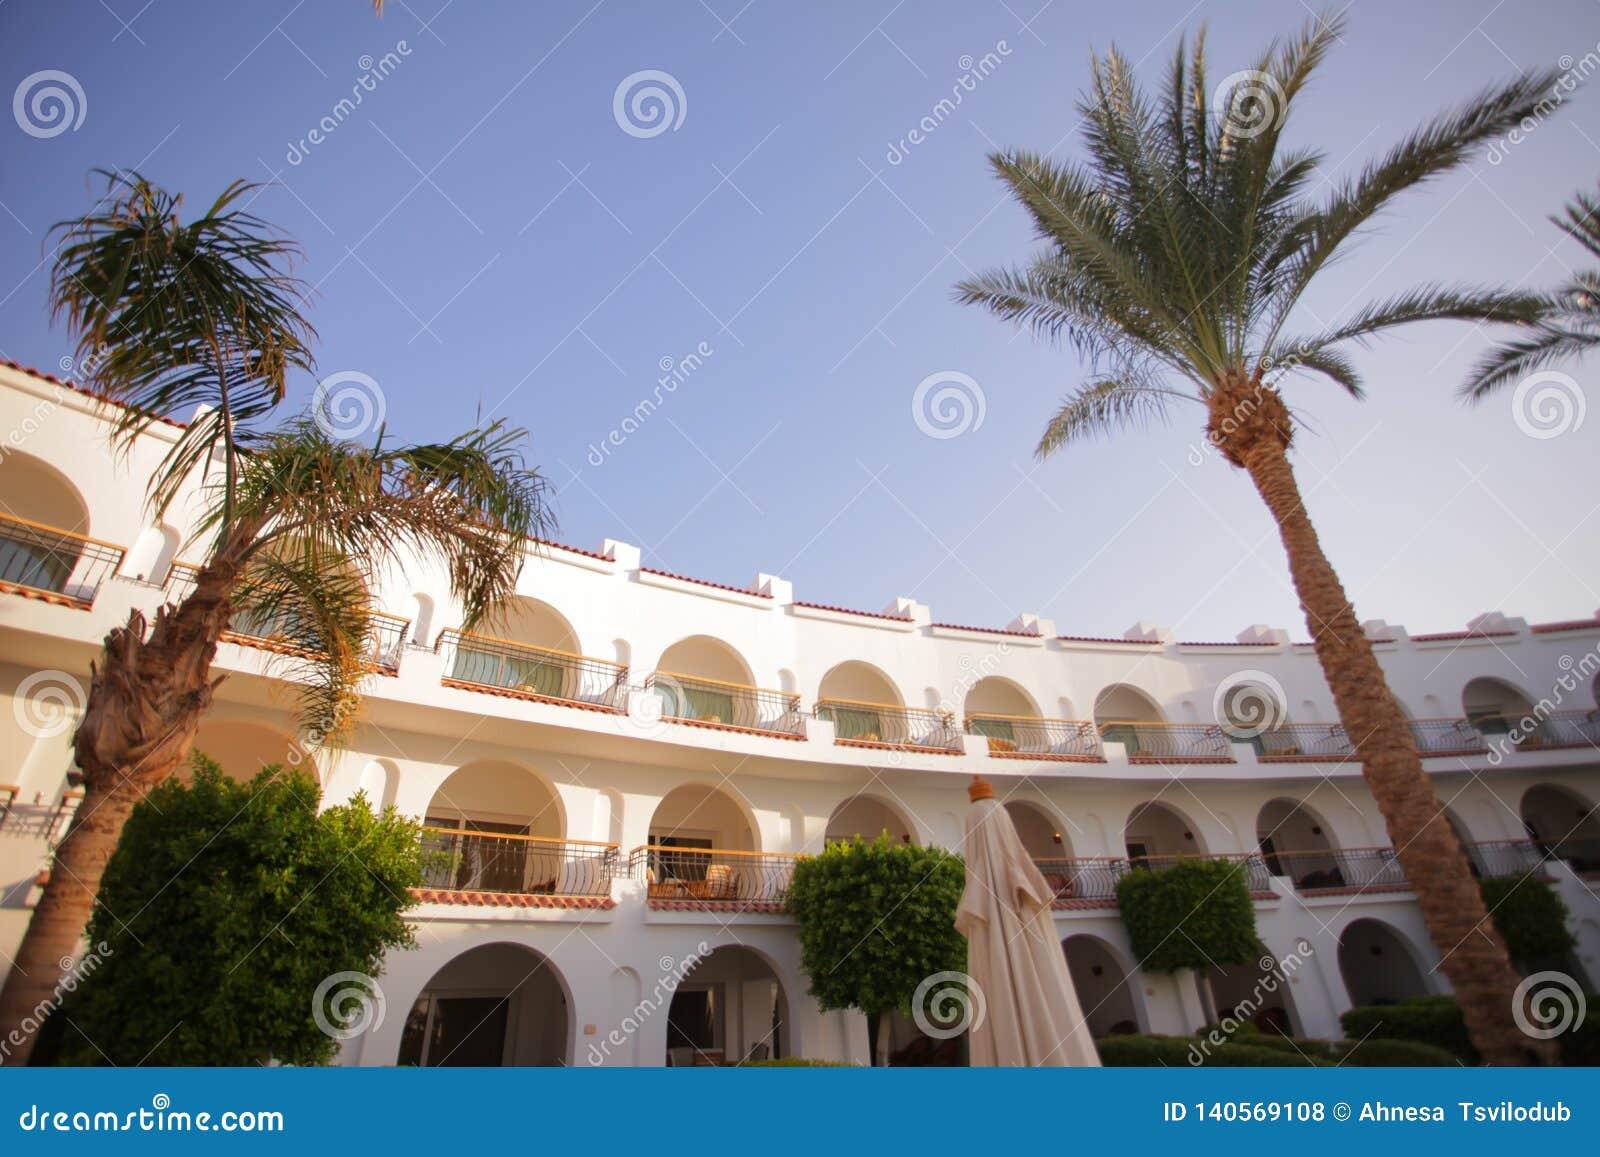 Luksusowy hotel z drzewkami palmowymi